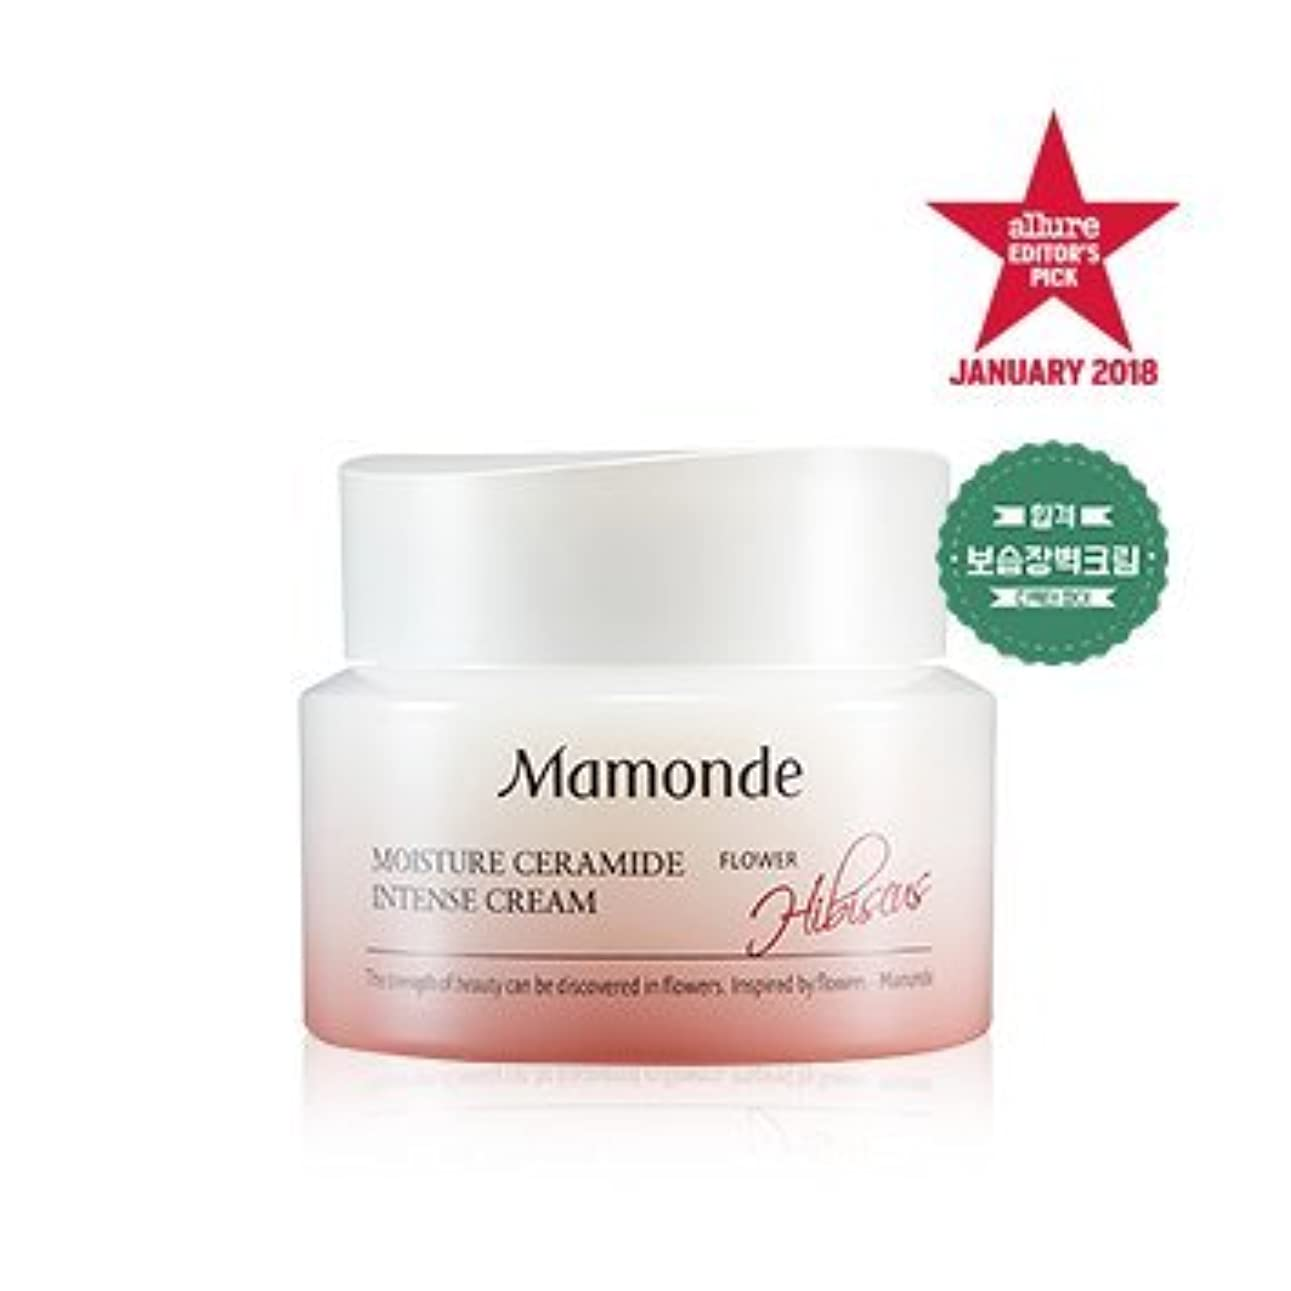 気絶させるクスクス傑作[MAMONDE] モイスチャーセラミドインテンシブクリーム / Moisture Ceramide Intense cream 50ml [並行輸入品]